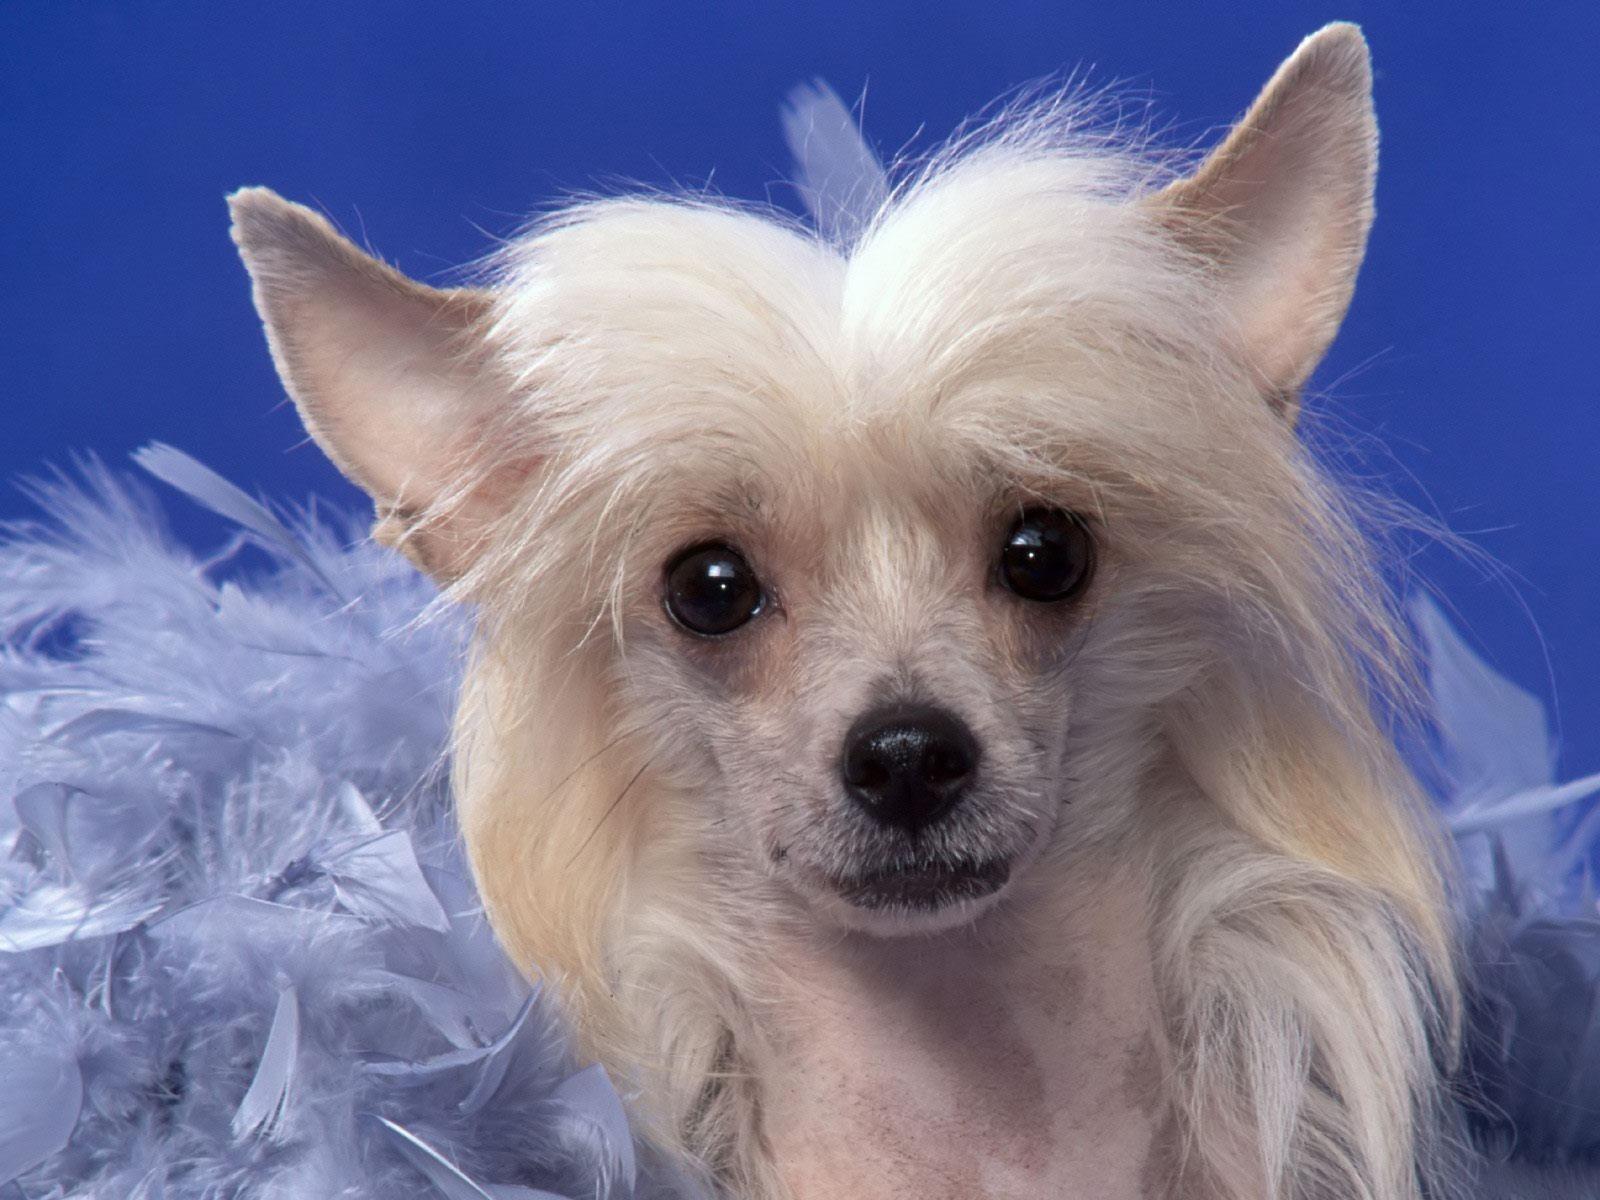 Очаровательная китайская хохлатая собака на голубом фоне фото